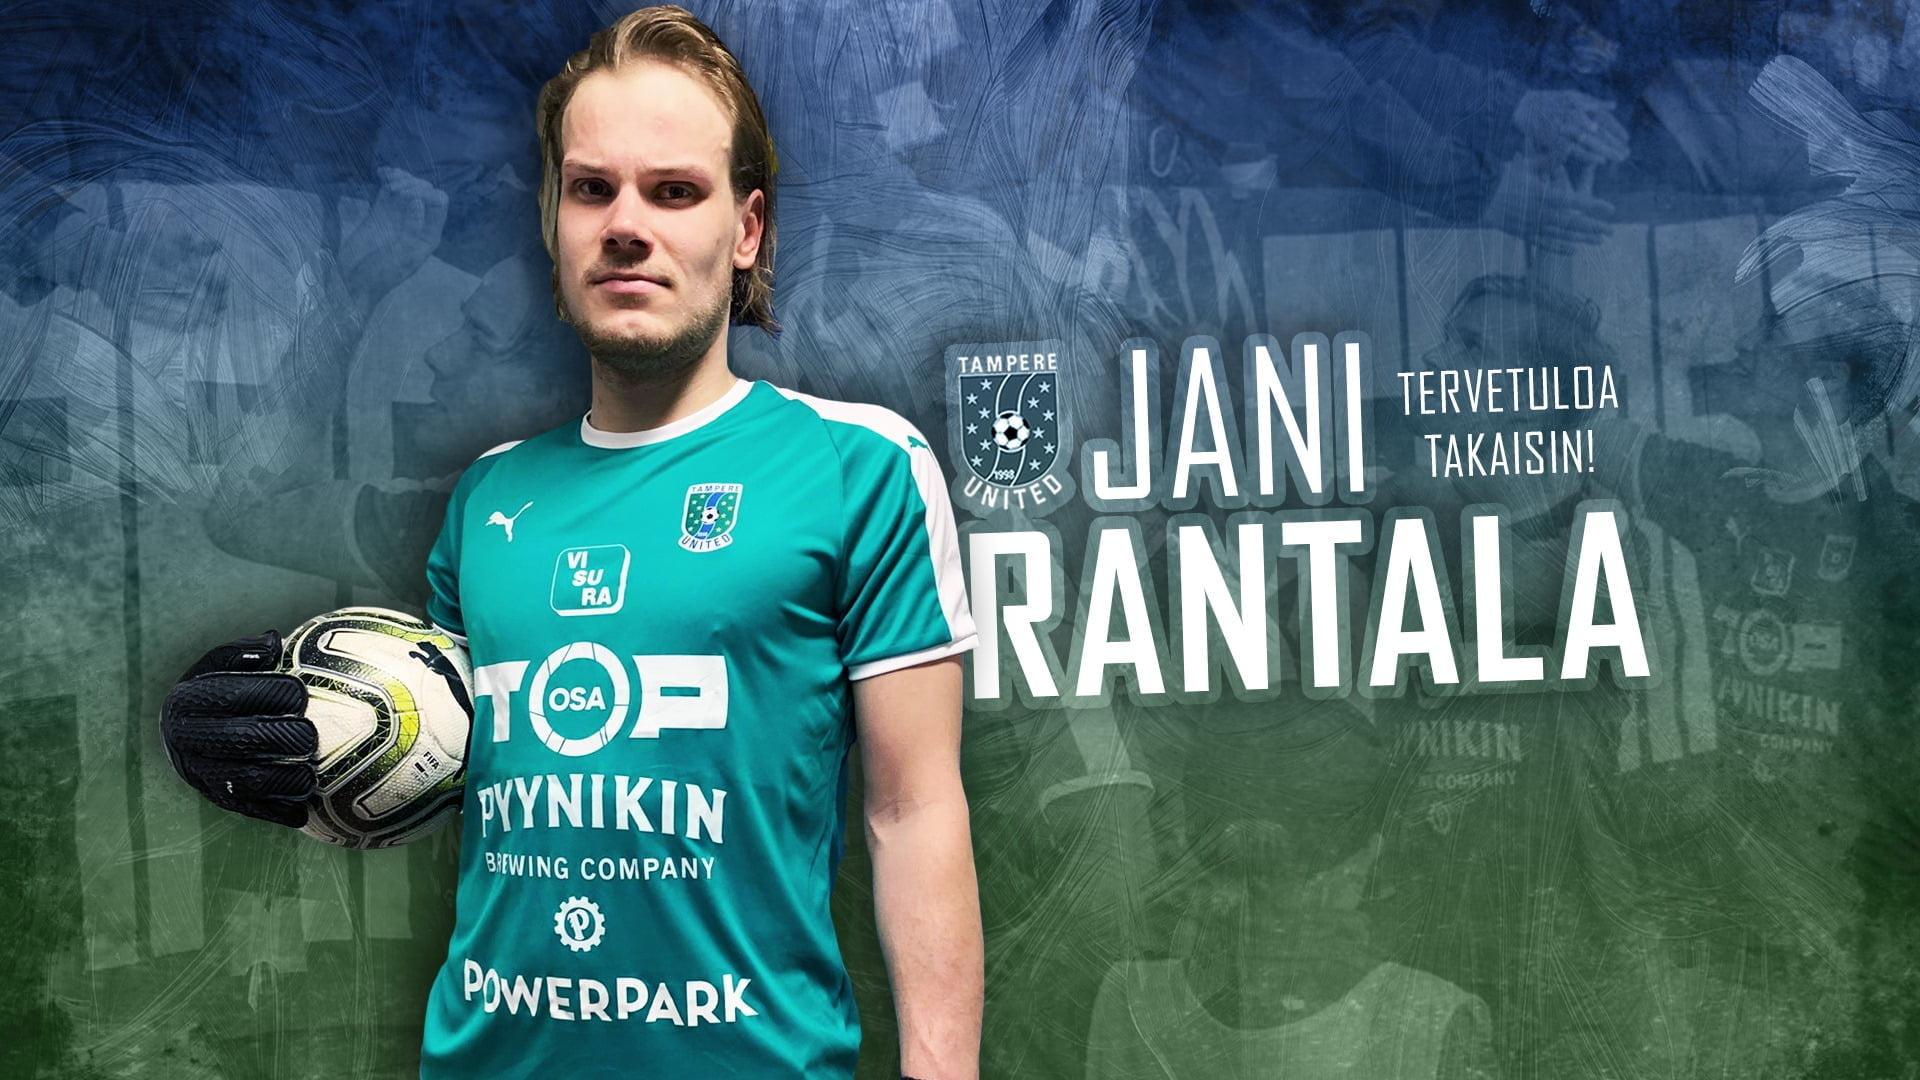 Jani Rantala tekee paluun TamUn maalille -uutiskuva